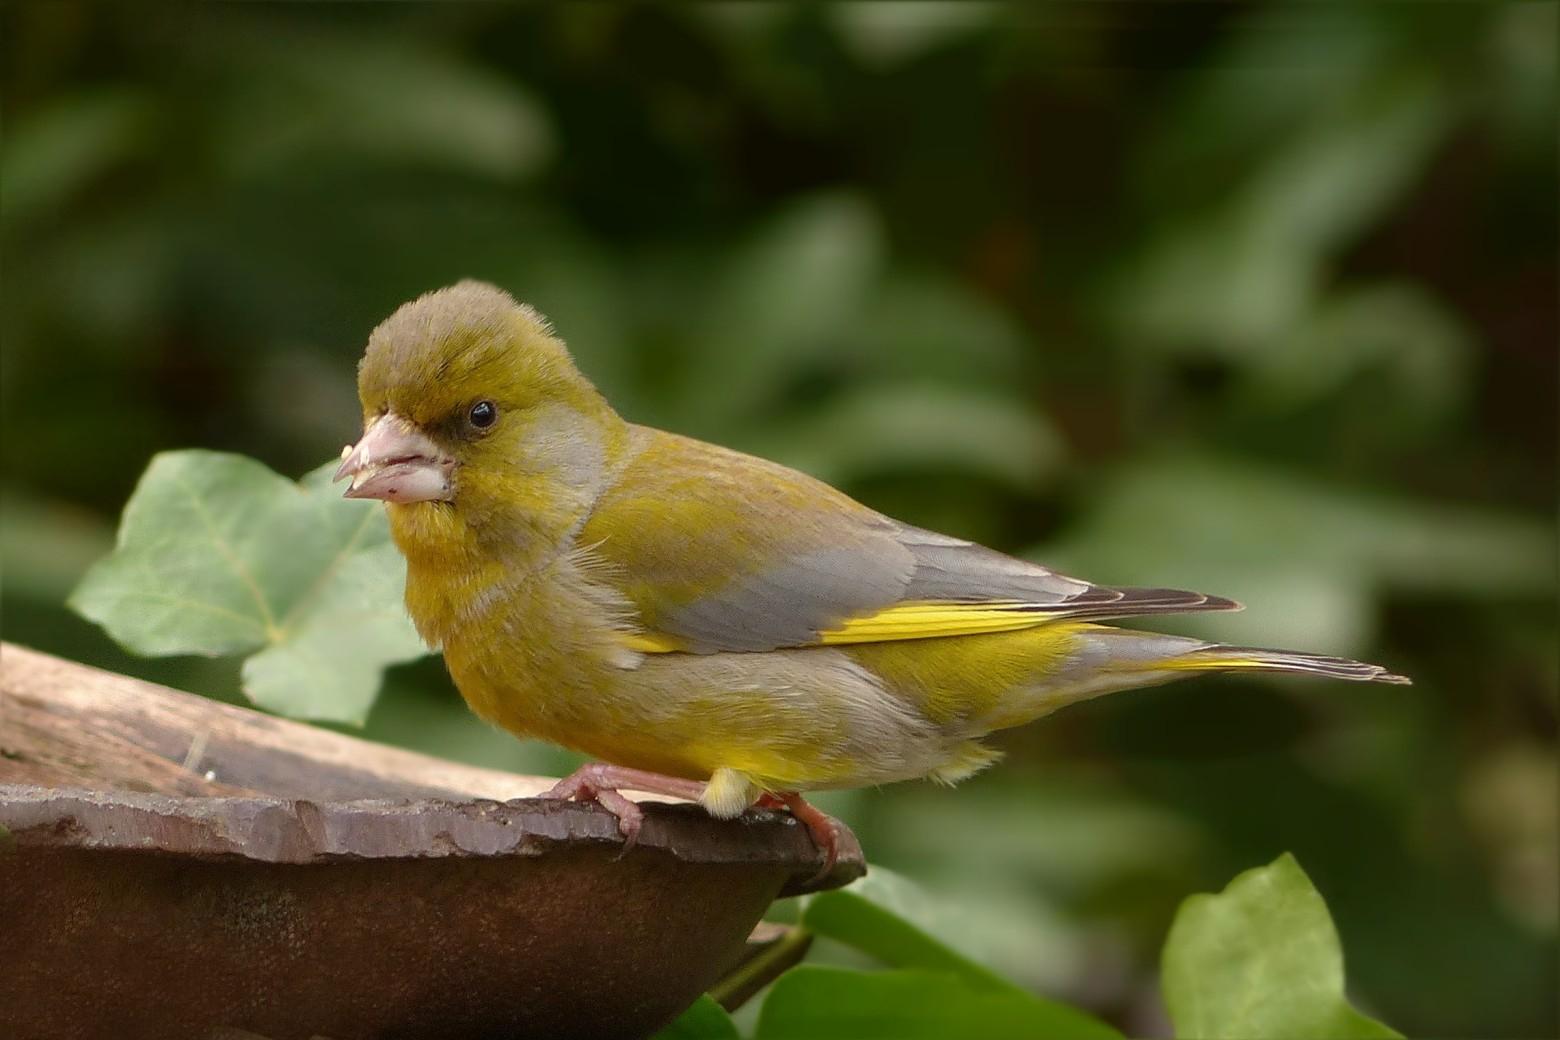 Oiseaux Images Photos Gratuites Libres De Droits | Images serapportantà Images D Oiseaux Gratuites